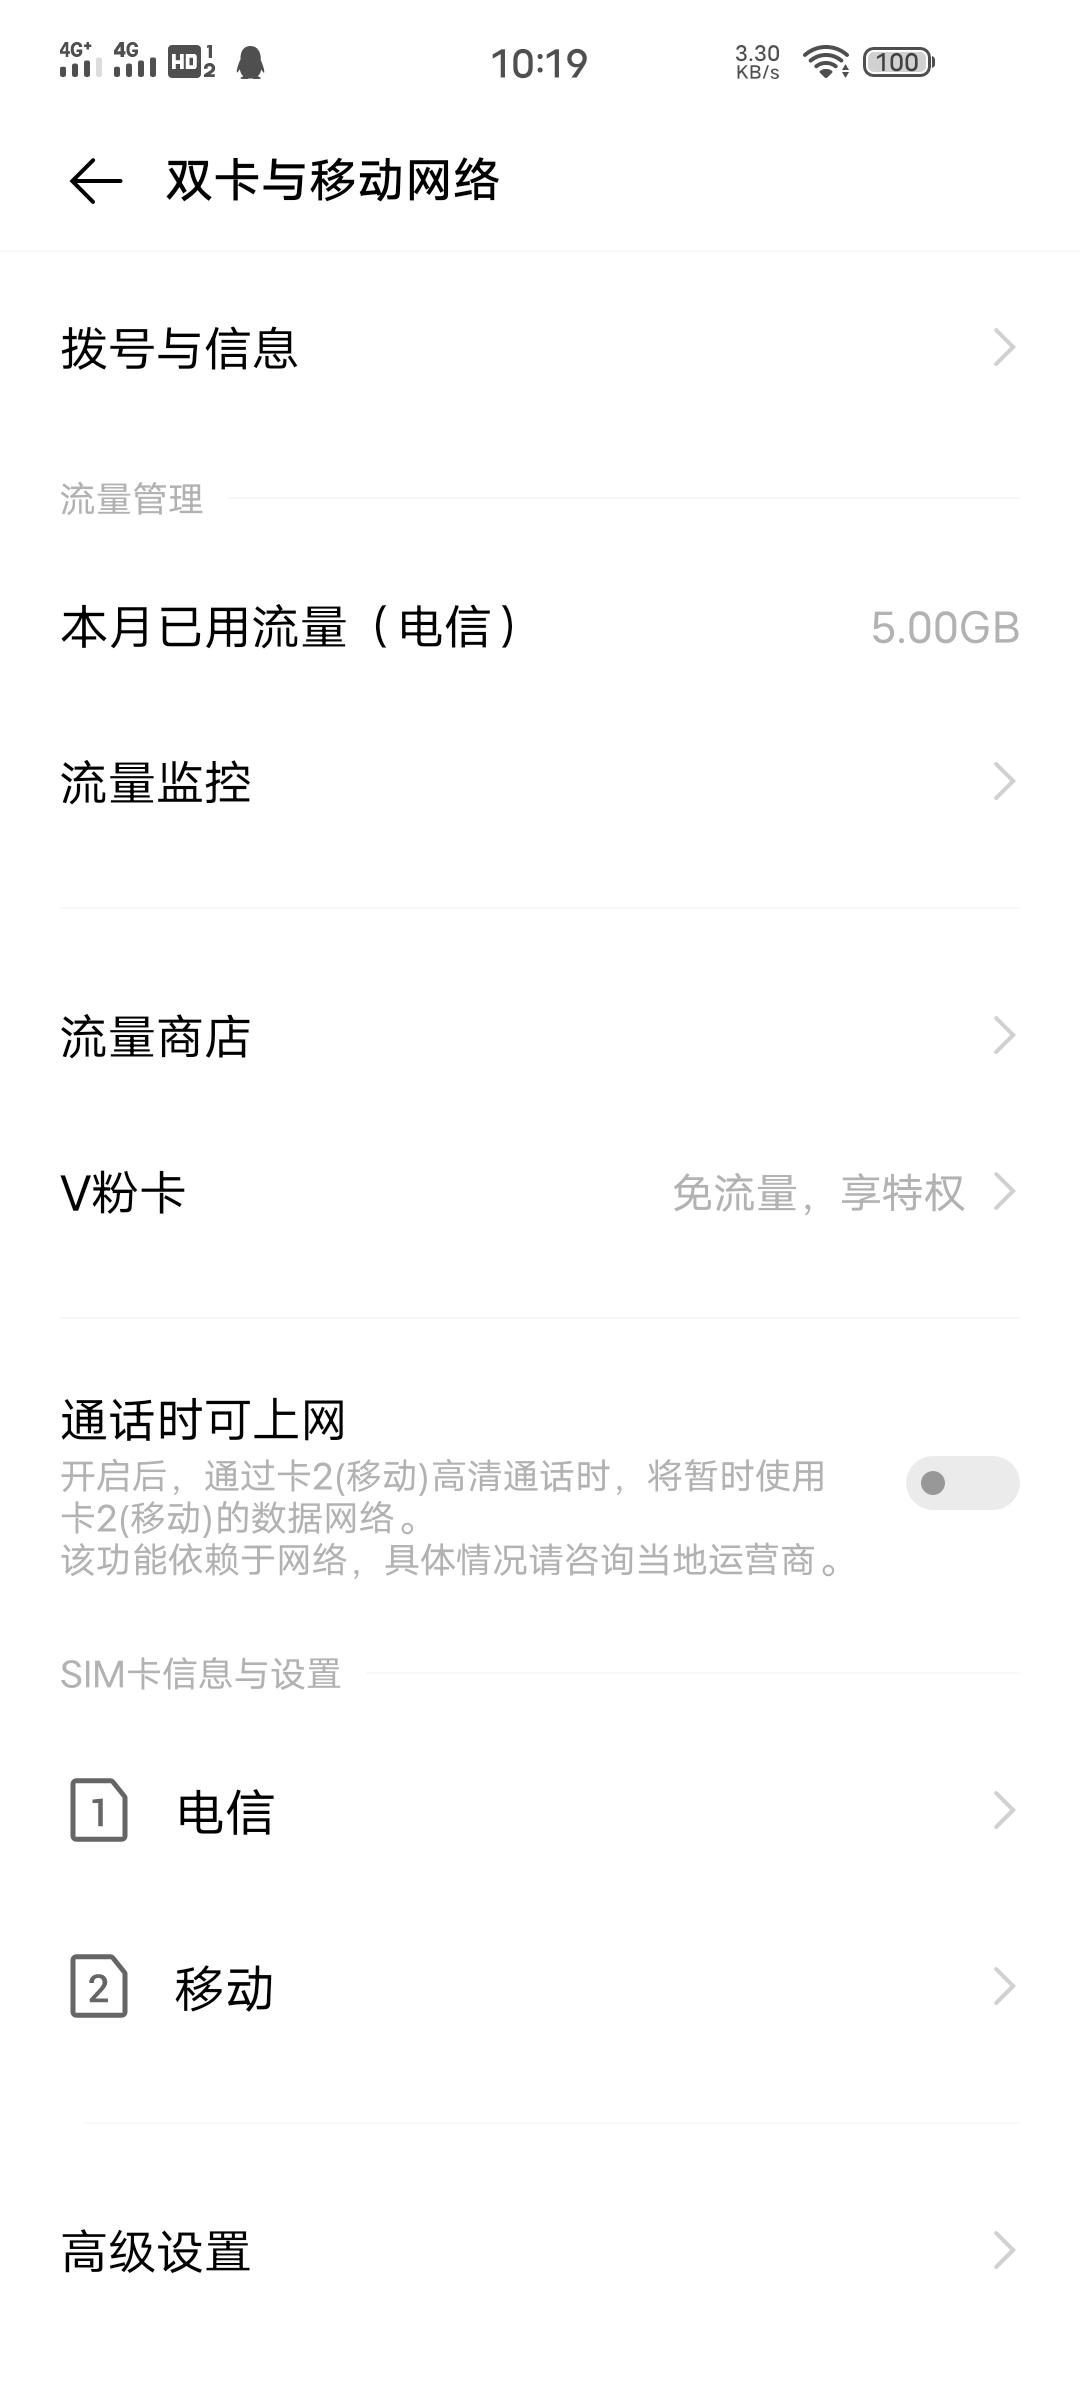 Screenshot_20200726_101916.jpg